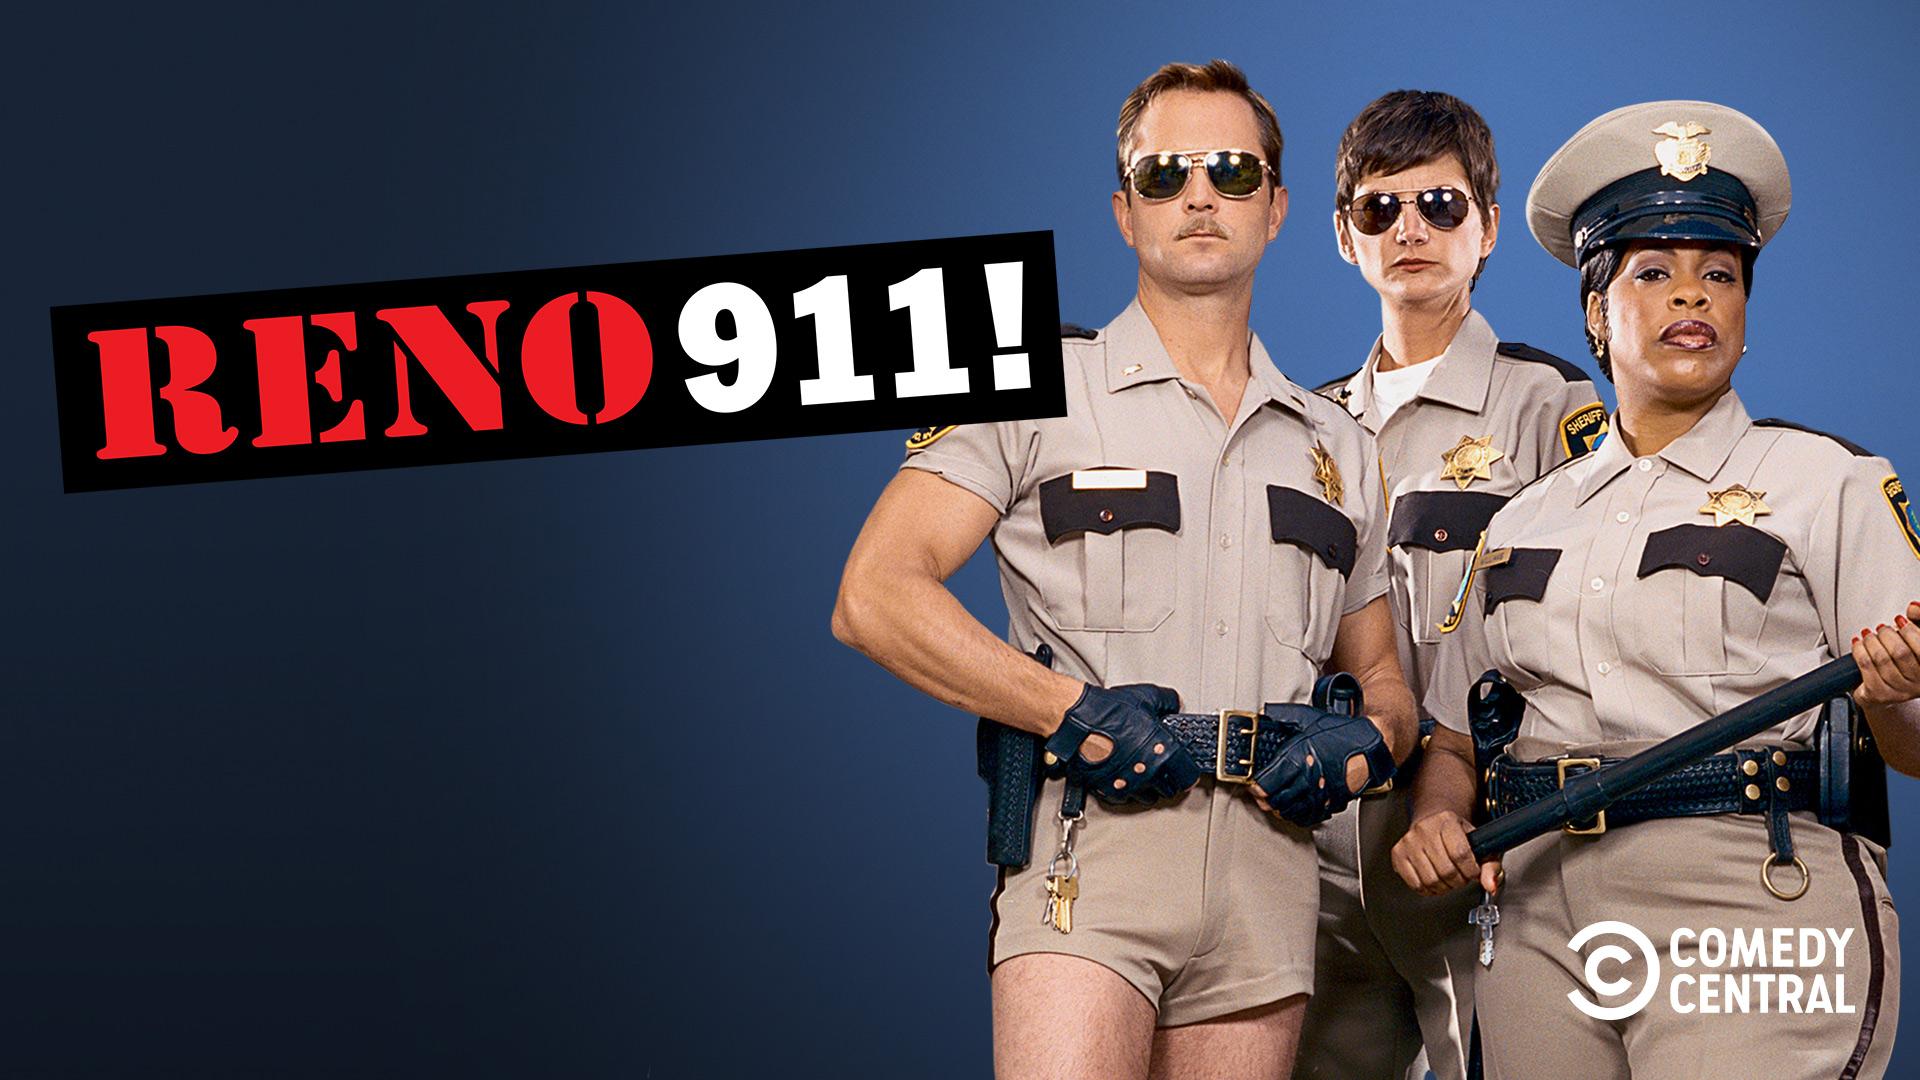 RENO 911! Season 1